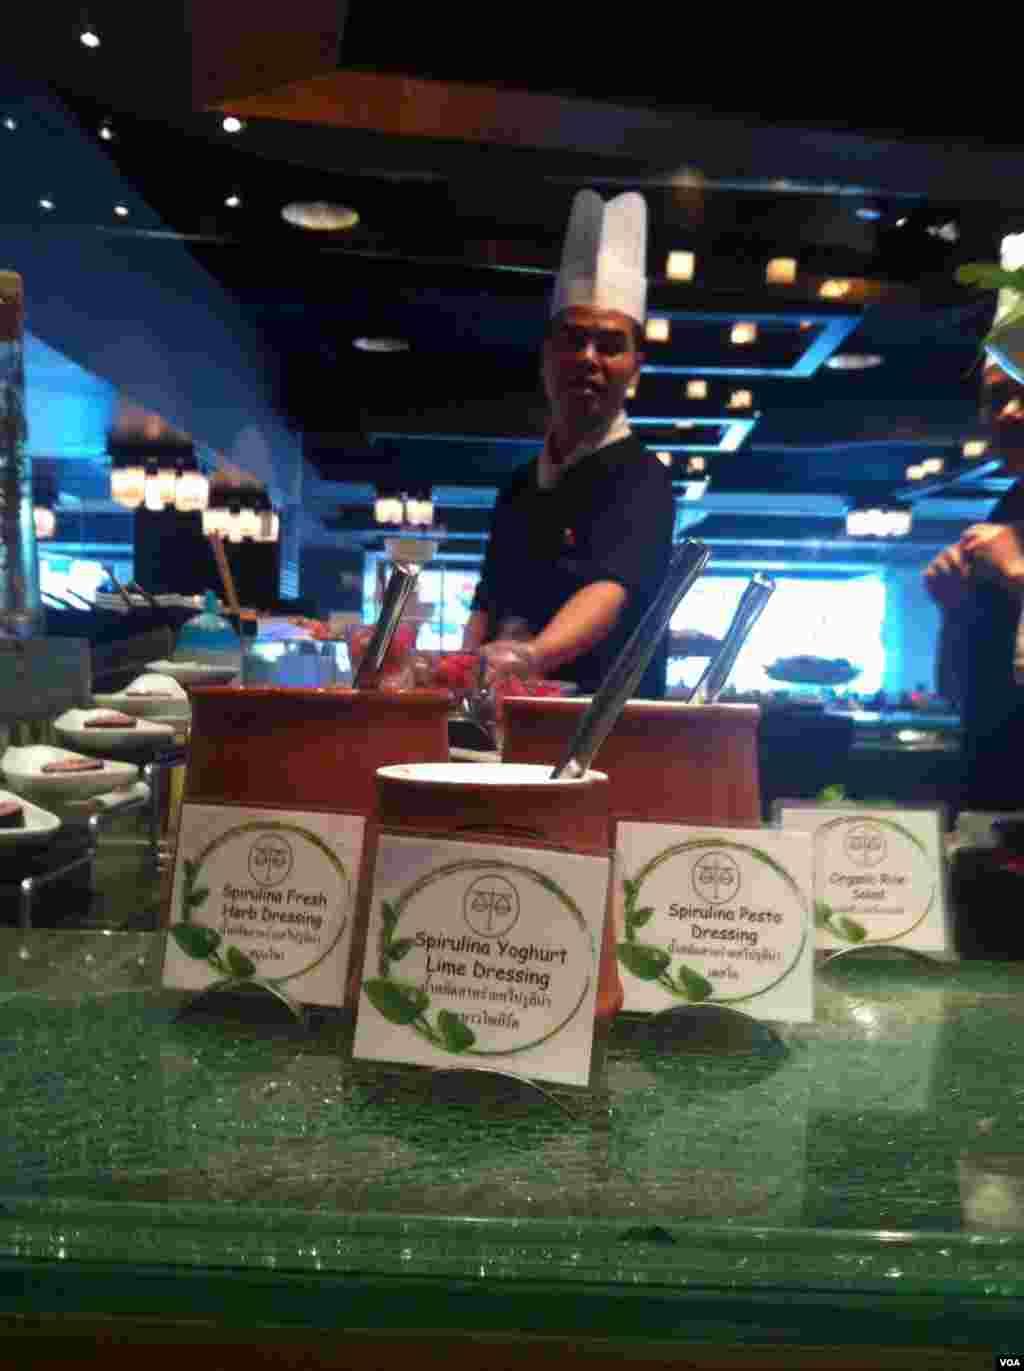 Bumbu salad merupakan salah satu makanan yang dibuat dari spirulina segar di sebuah restoran di Hotel Novotel, Siam Square di Bangkok (23/9). (S.L. Herman/VOA)